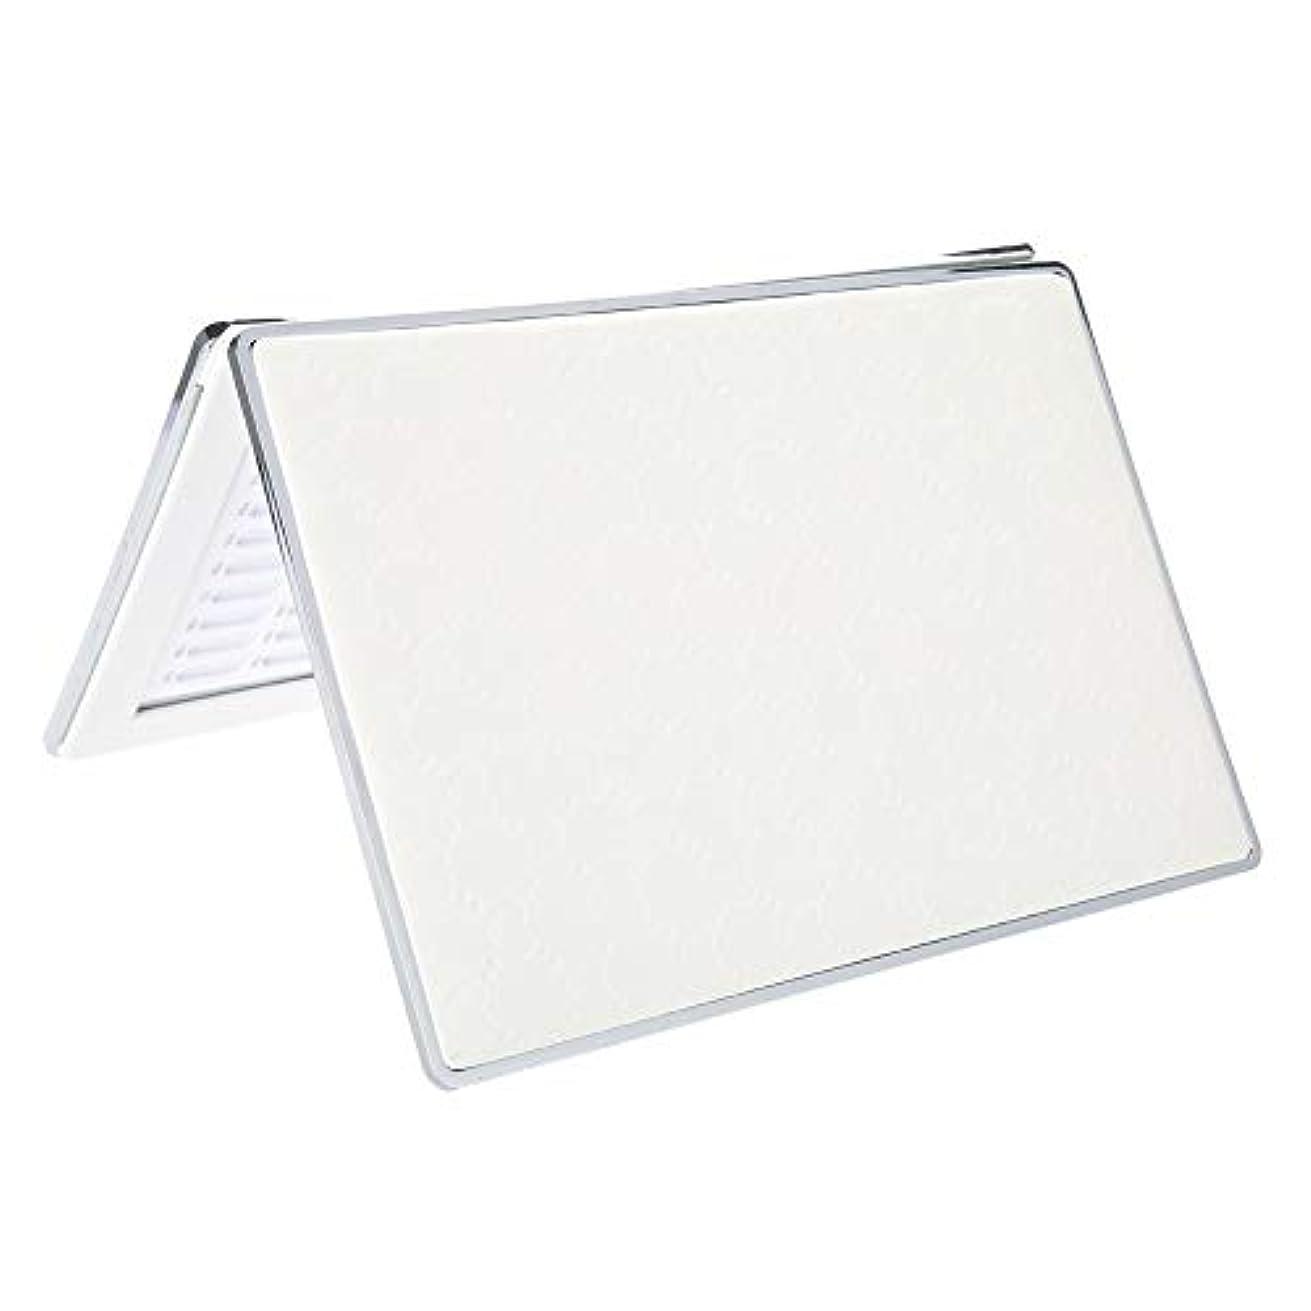 馬鹿げた苦しむトピックネイルアートディスプレイ 160色 ディスプレイスタンド プラスチック板 ネイルポリッシュカラー ディスプレイ サロン アクセサリー(03)